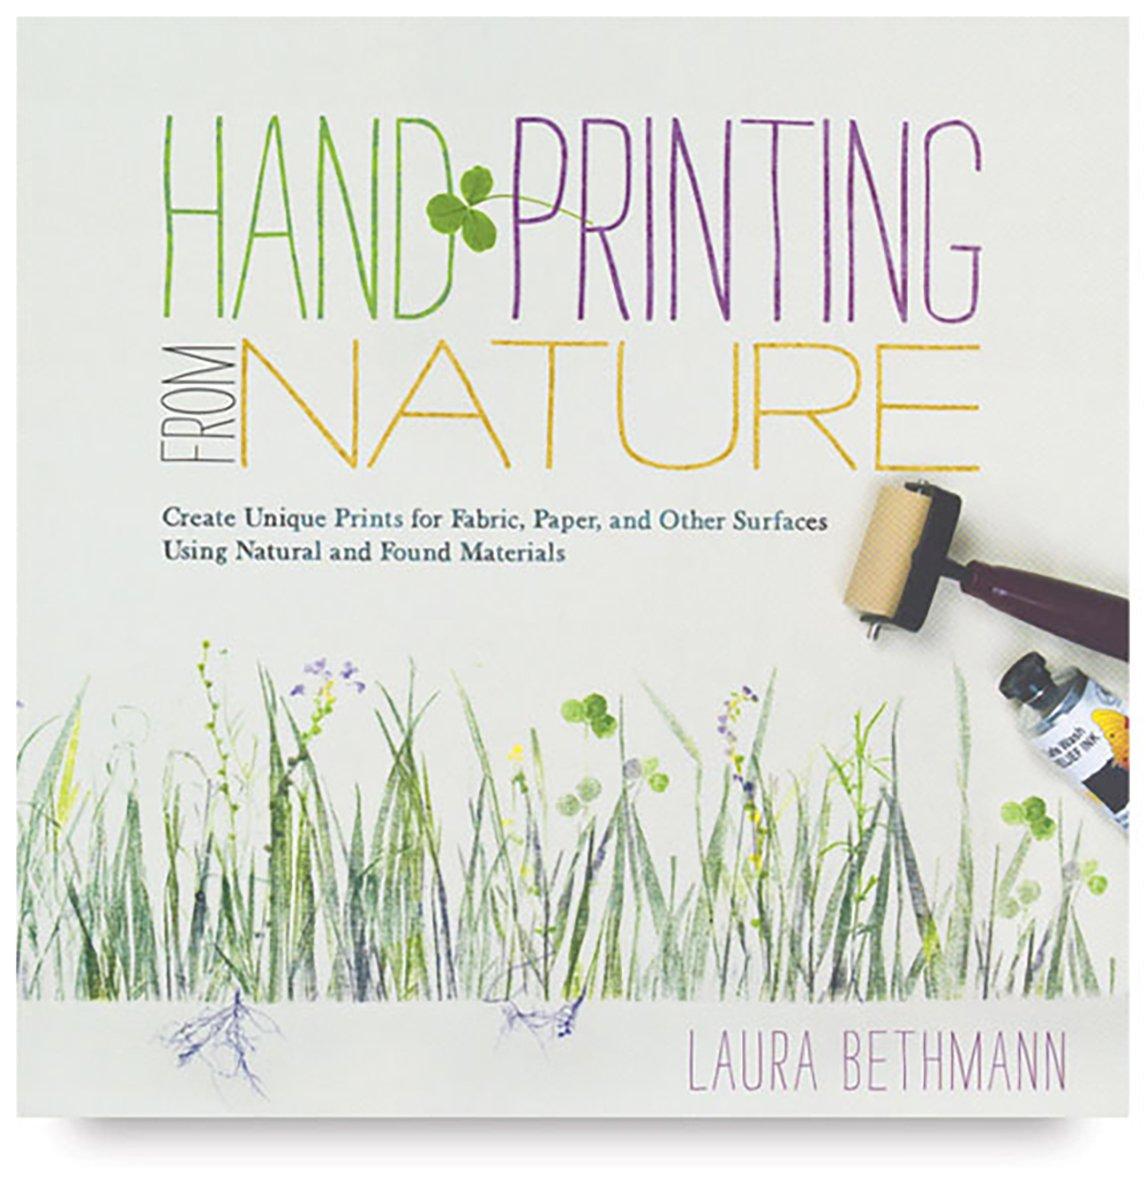 MOYO_ISSUE9_LAURABETHMANN_P3_Book cover Laura Bethmann